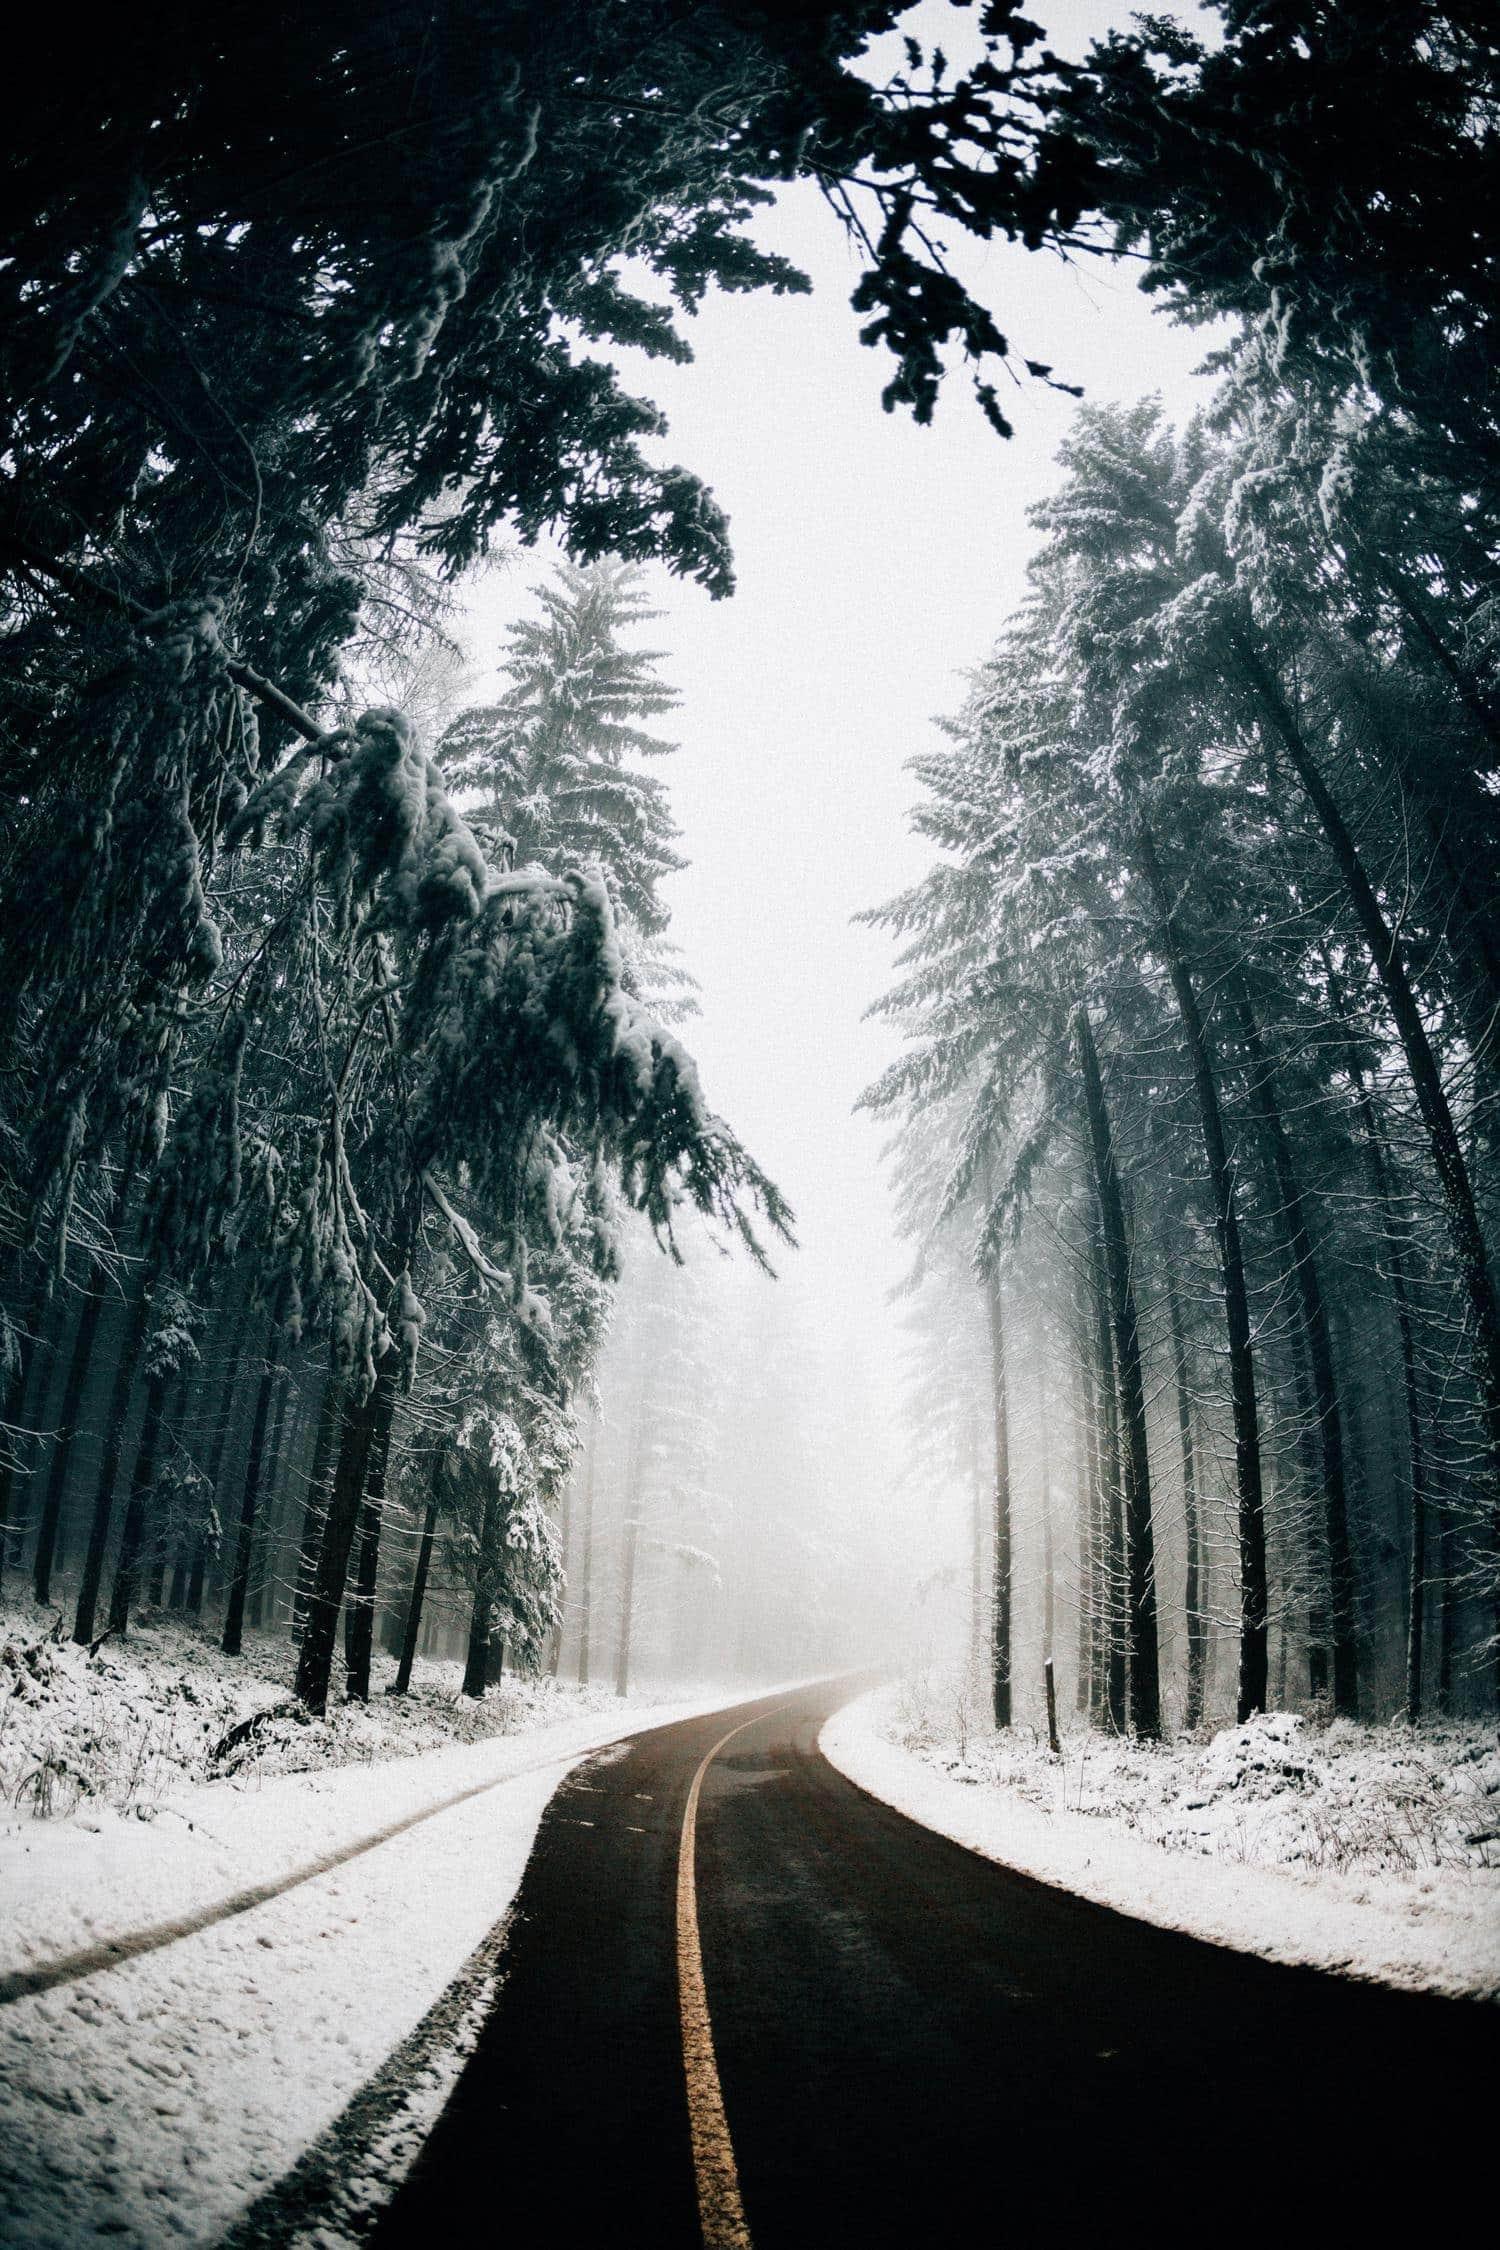 carretera en bosque nevado